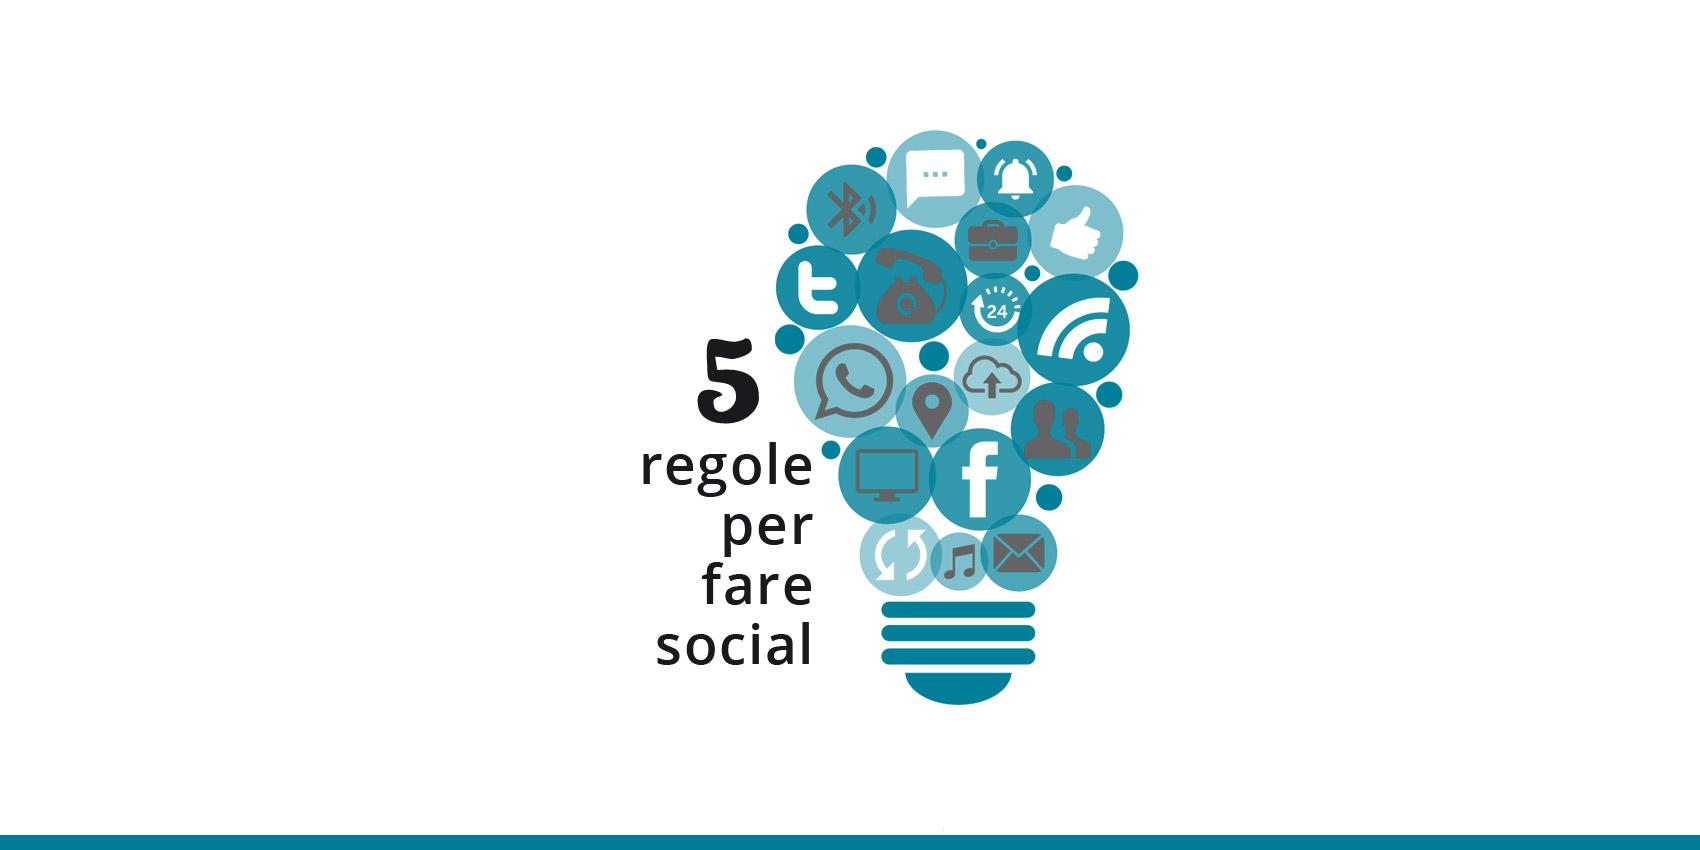 5 regole social